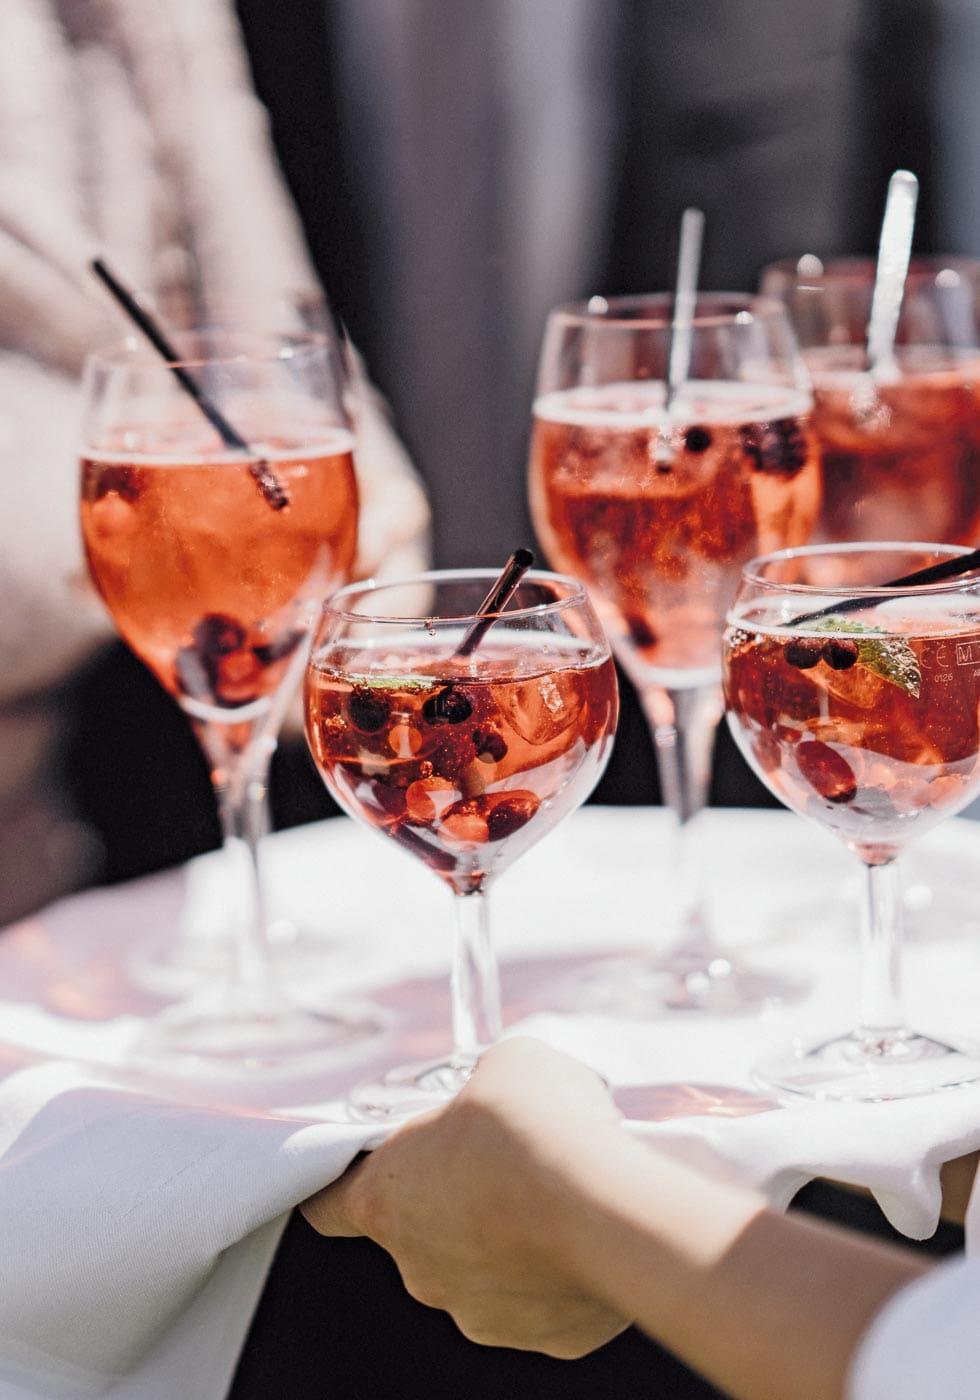 Sektempfang Weinschorle